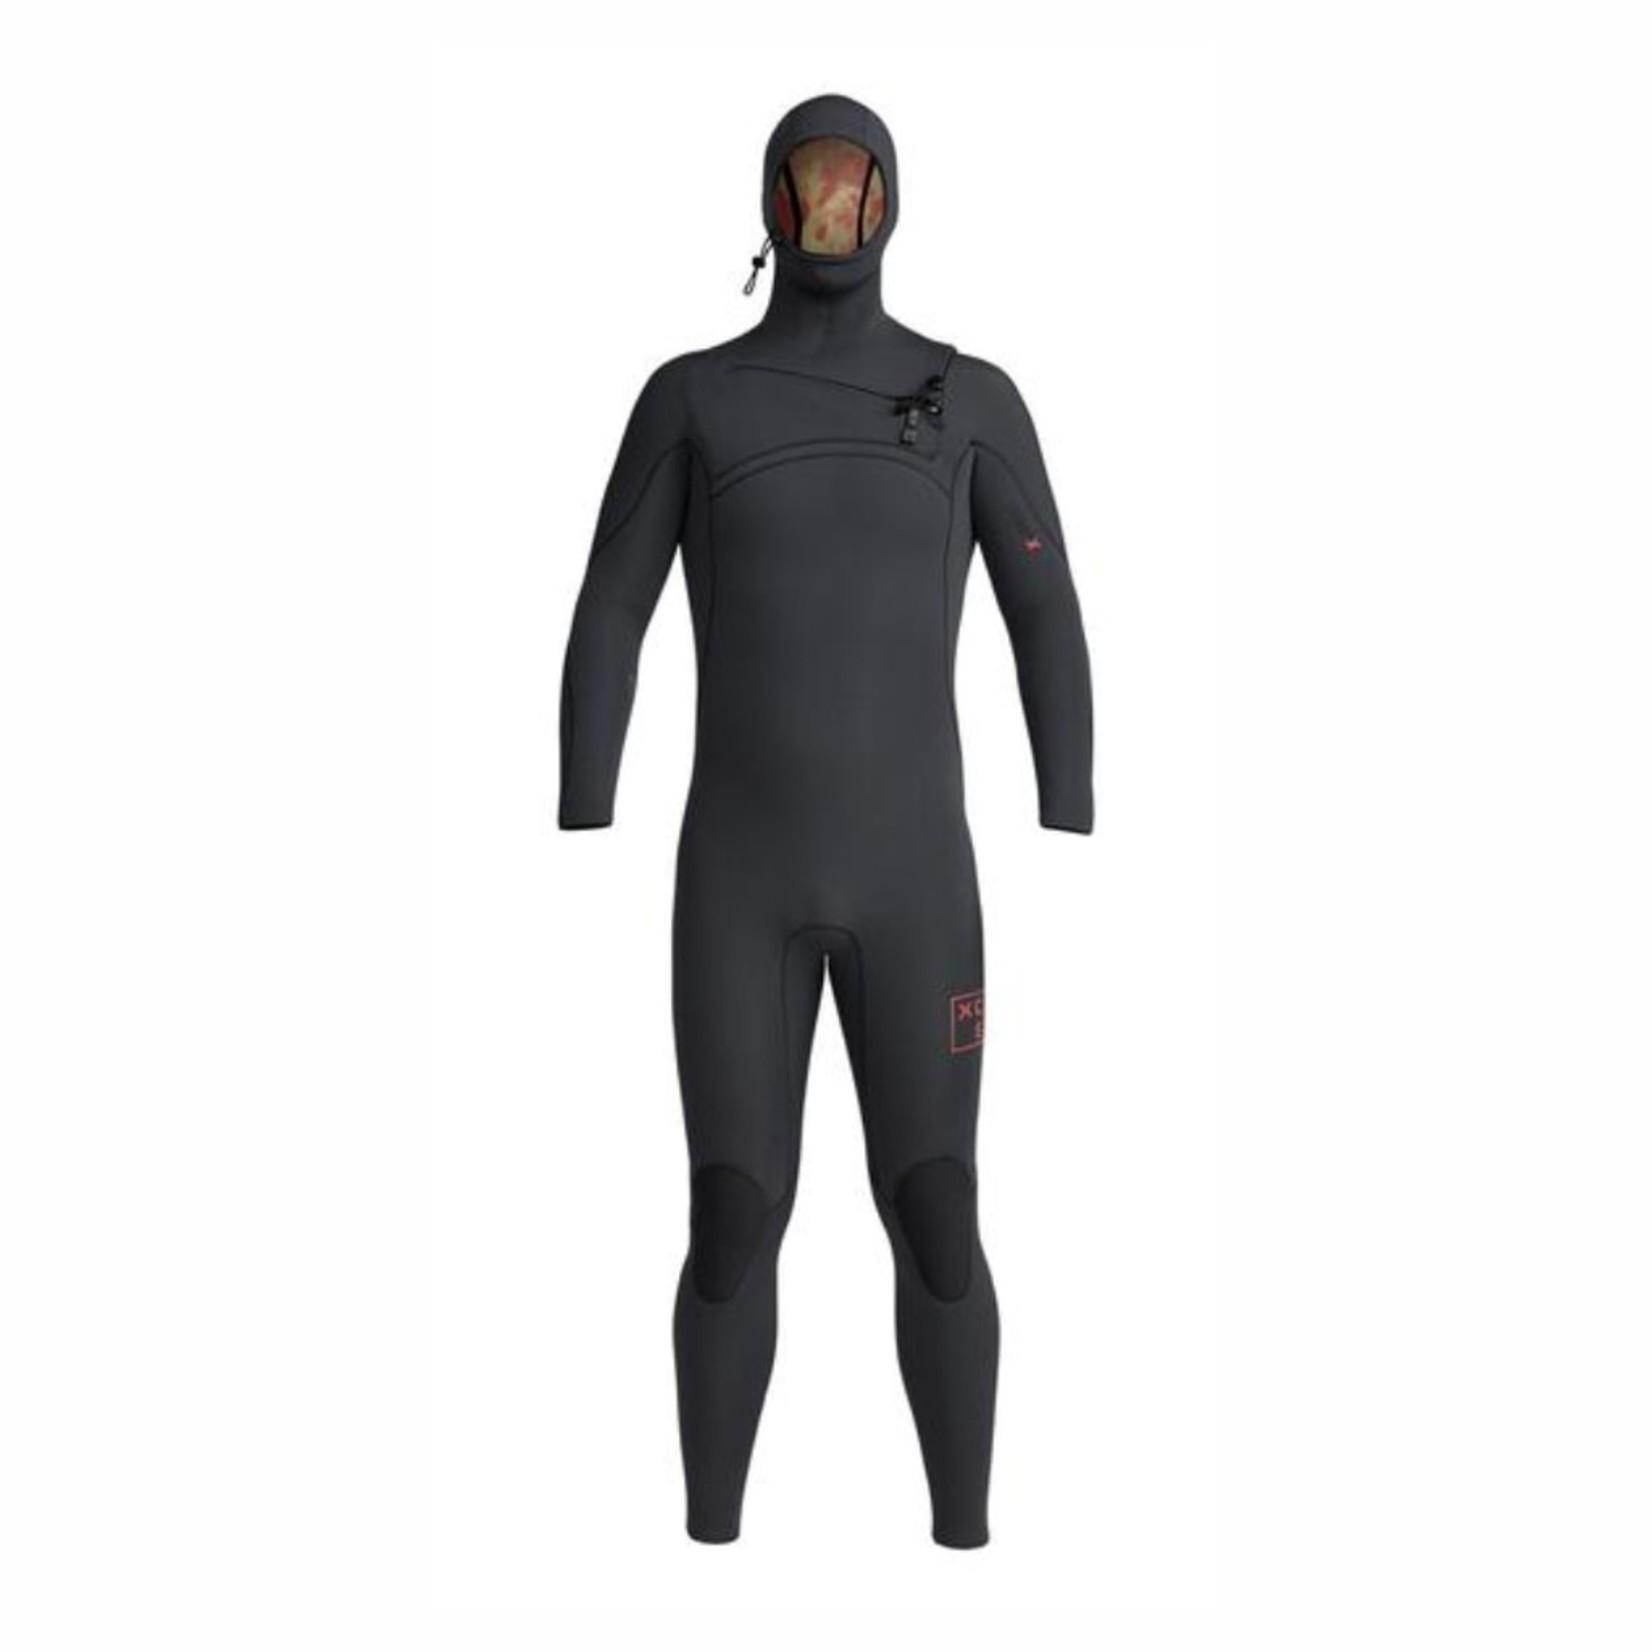 XCEL XCEL Men's Comp X 4.5/3.5mm Hooded Wetsuit.